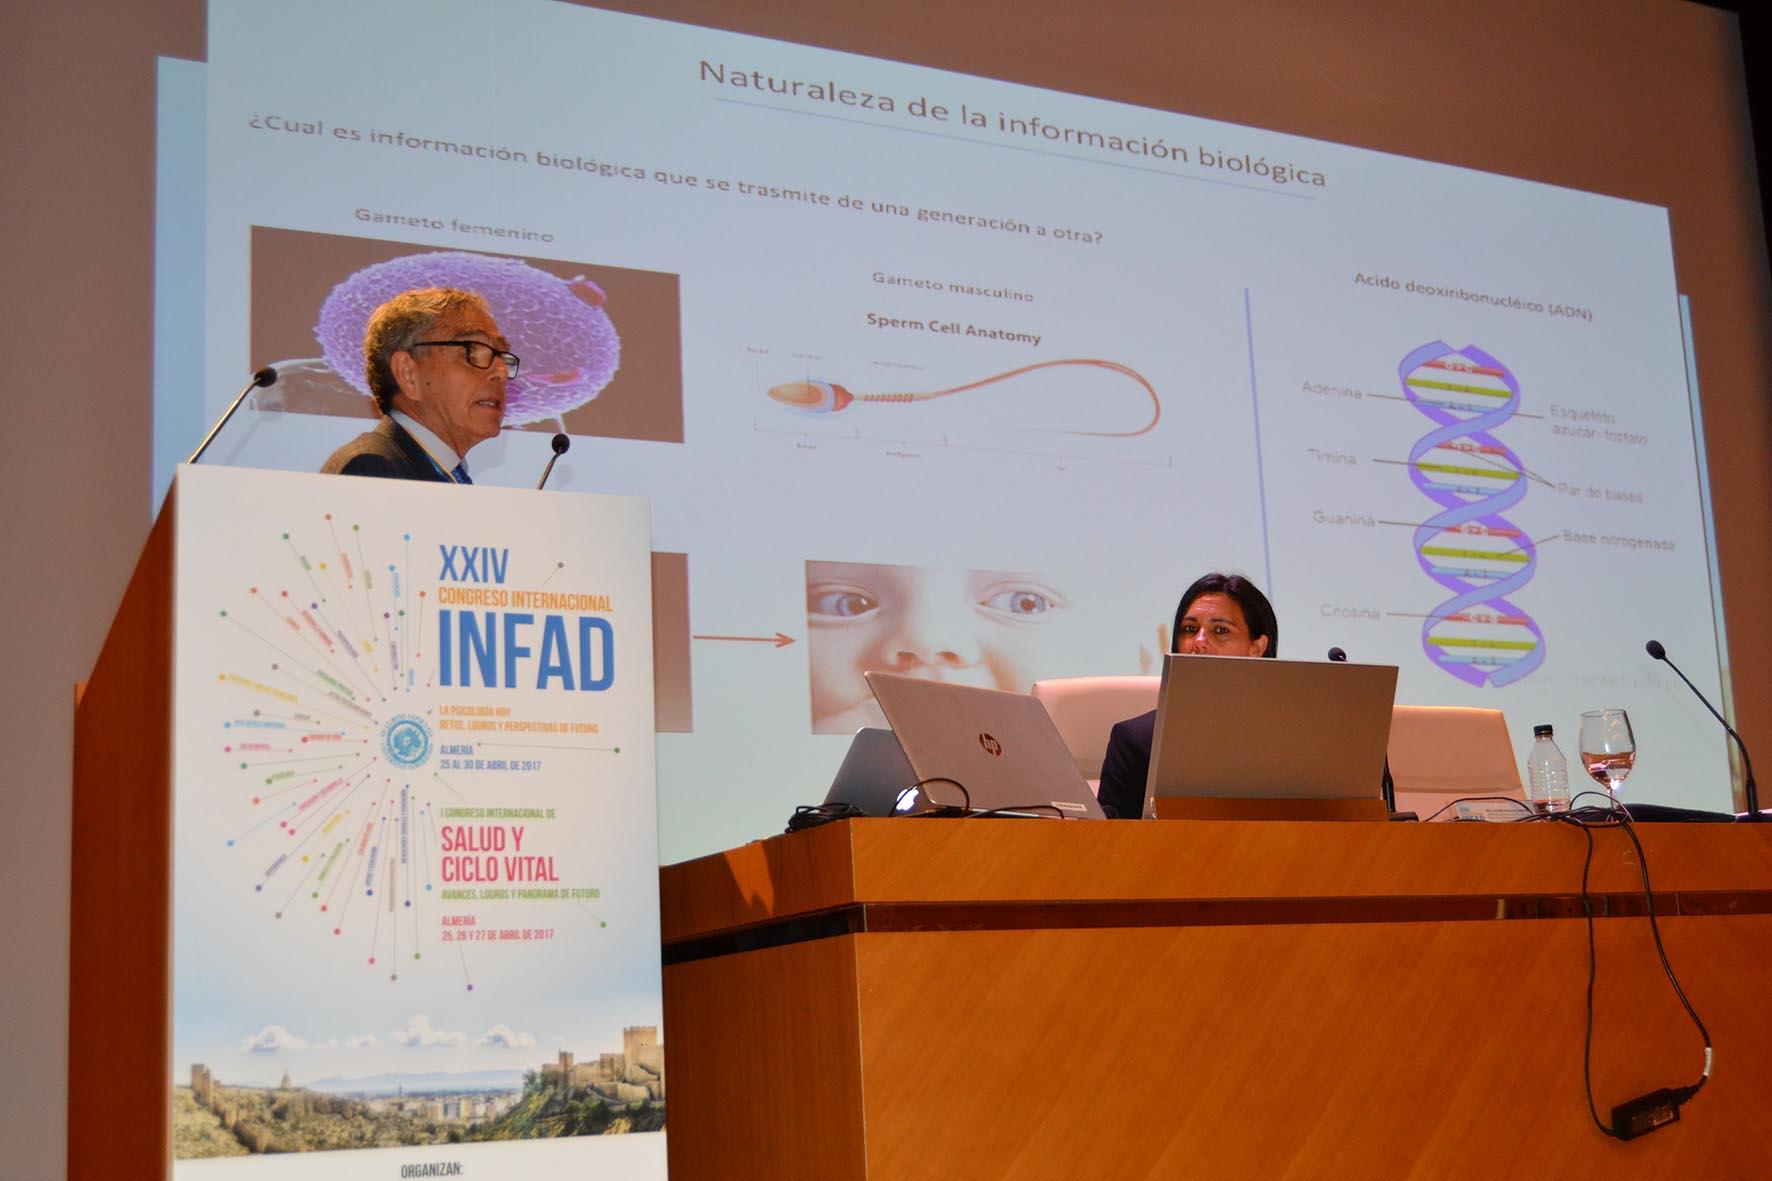 Ginés Morata profundiza en el futuro de la biología molecular